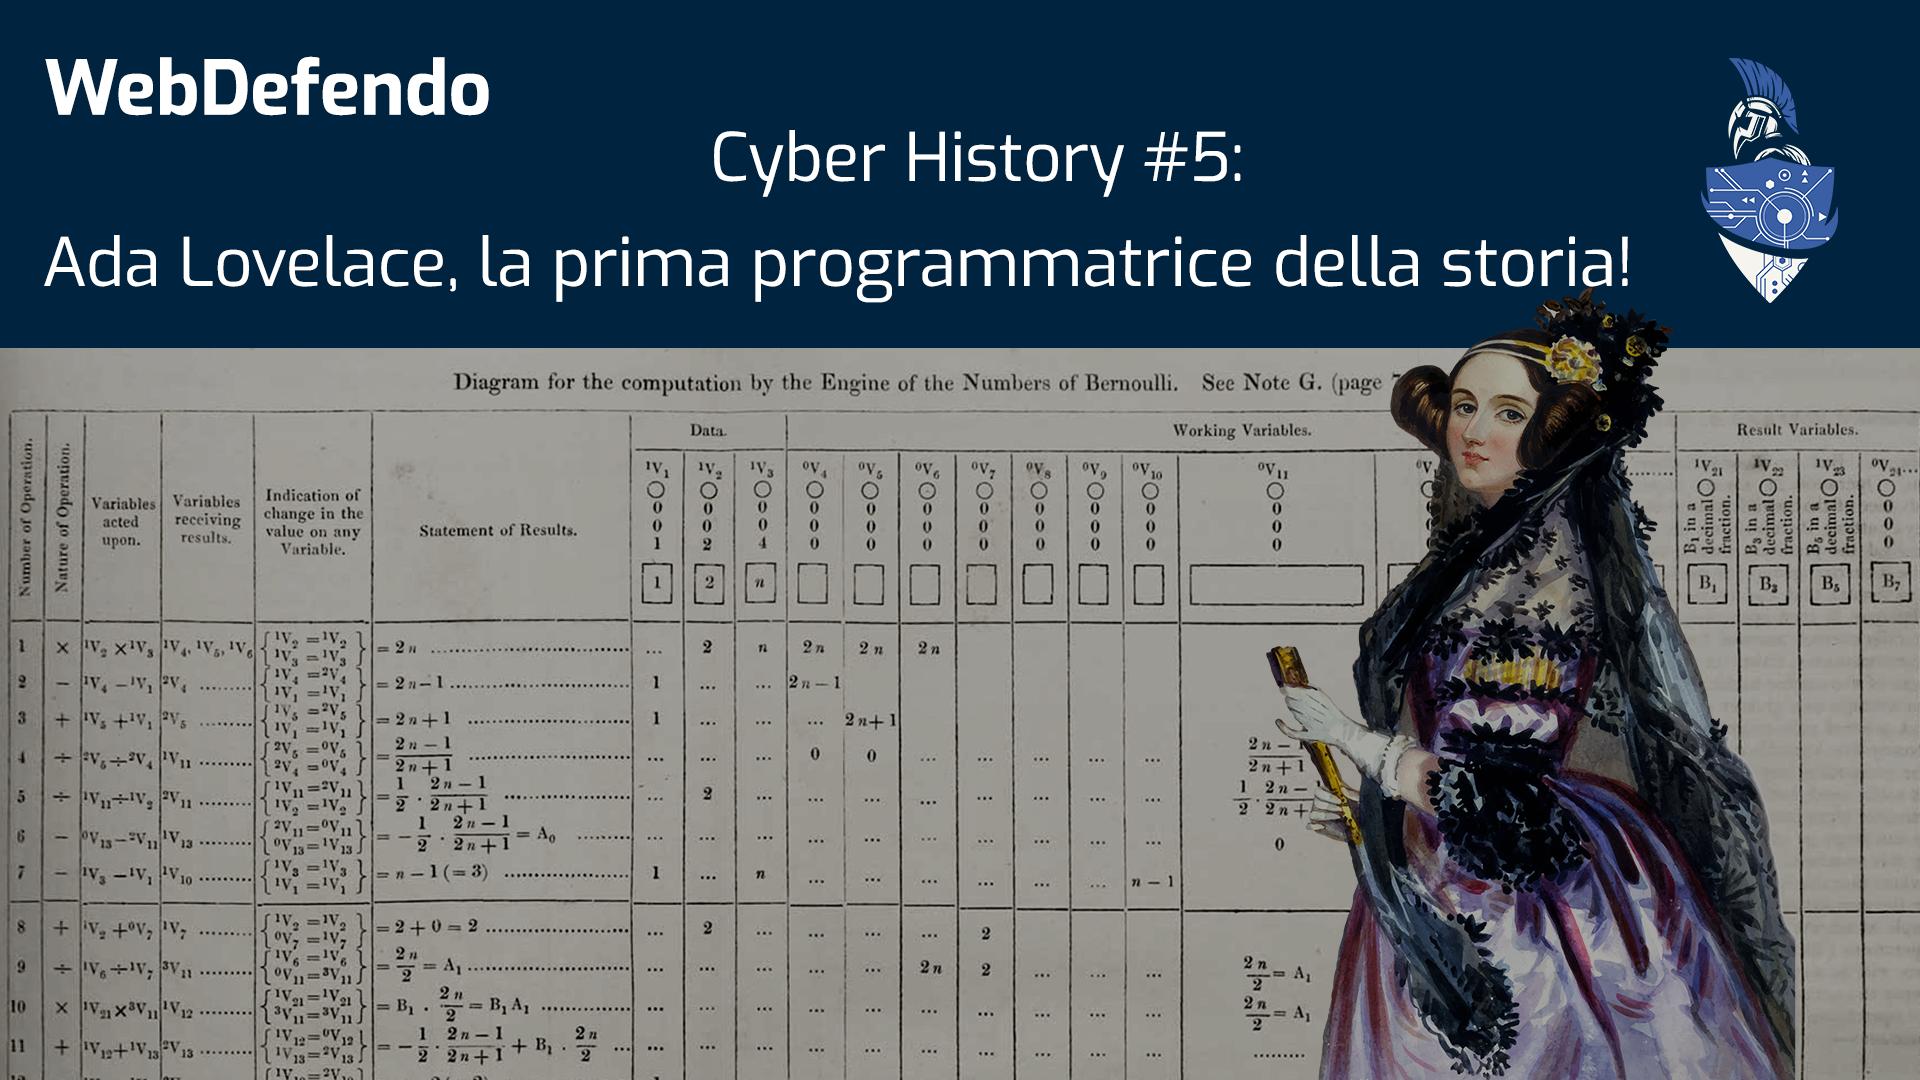 Cyber History #5: Ada Lovelace